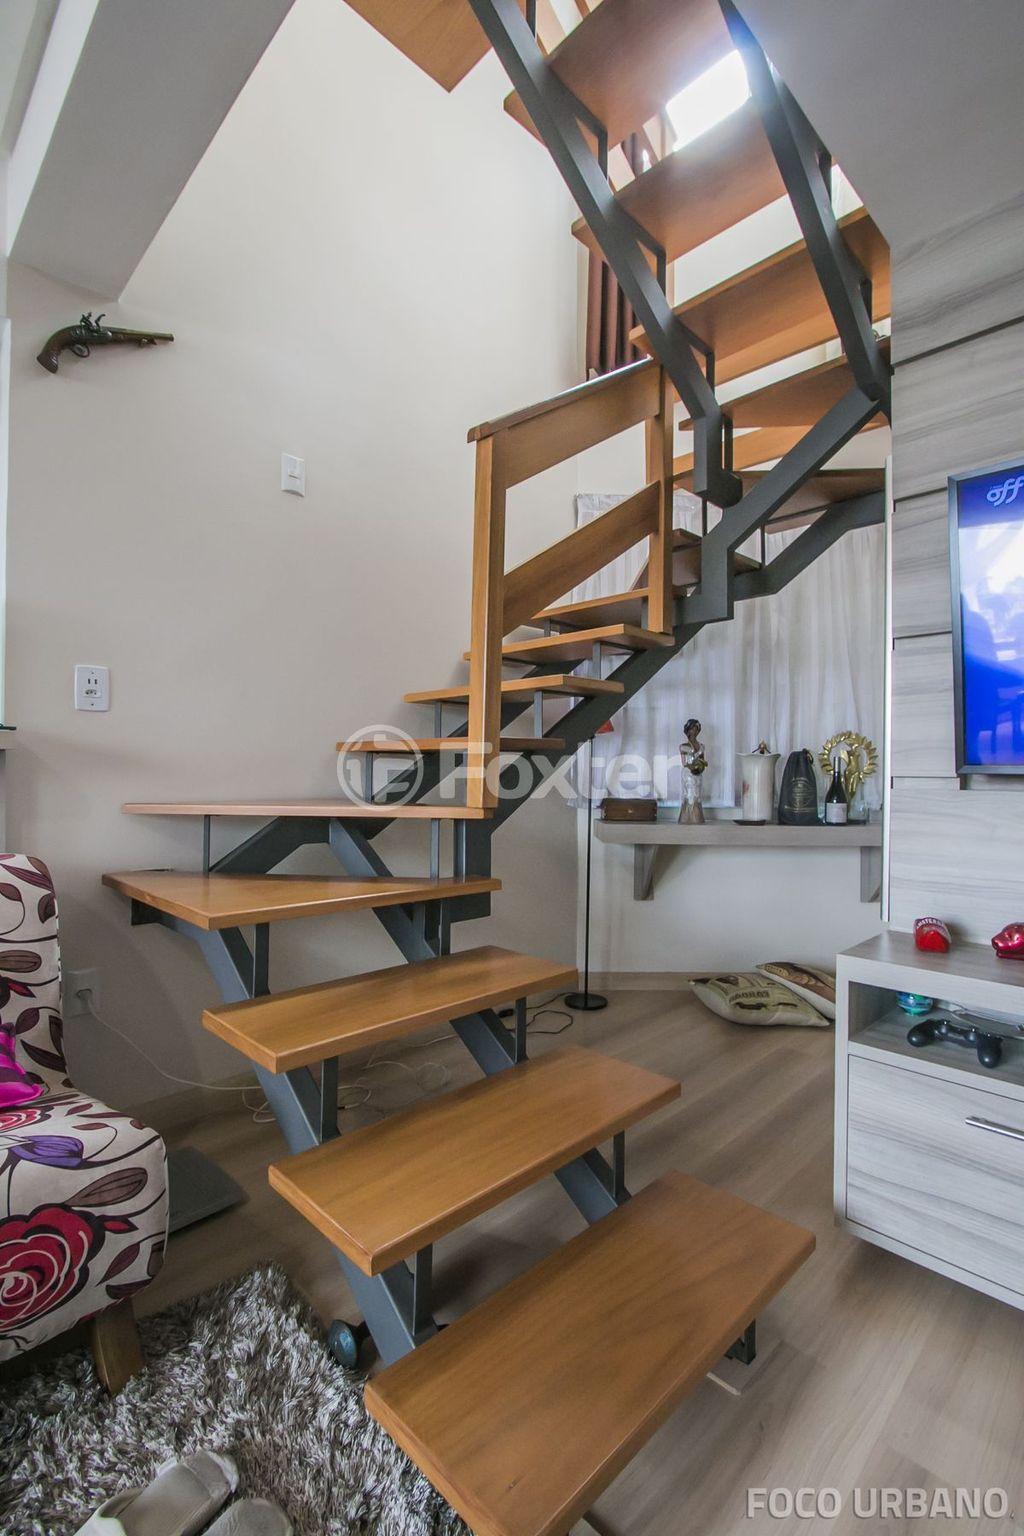 Foxter Imobiliária - Cobertura 2 Dorm (146243) - Foto 14